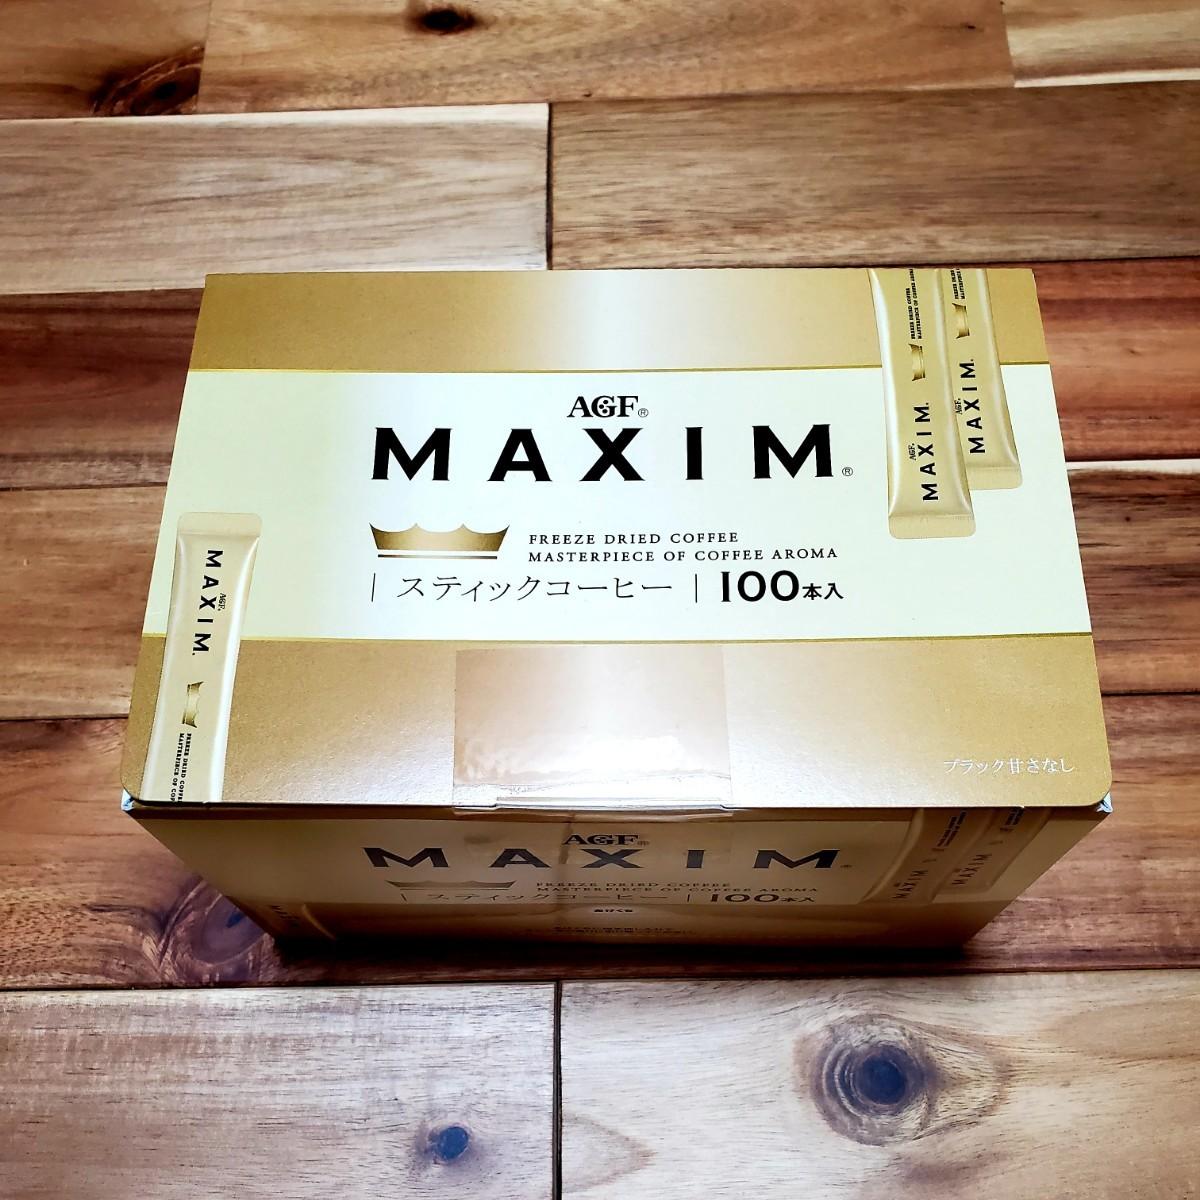 MAXIM マキシム スティックコーヒー 100本